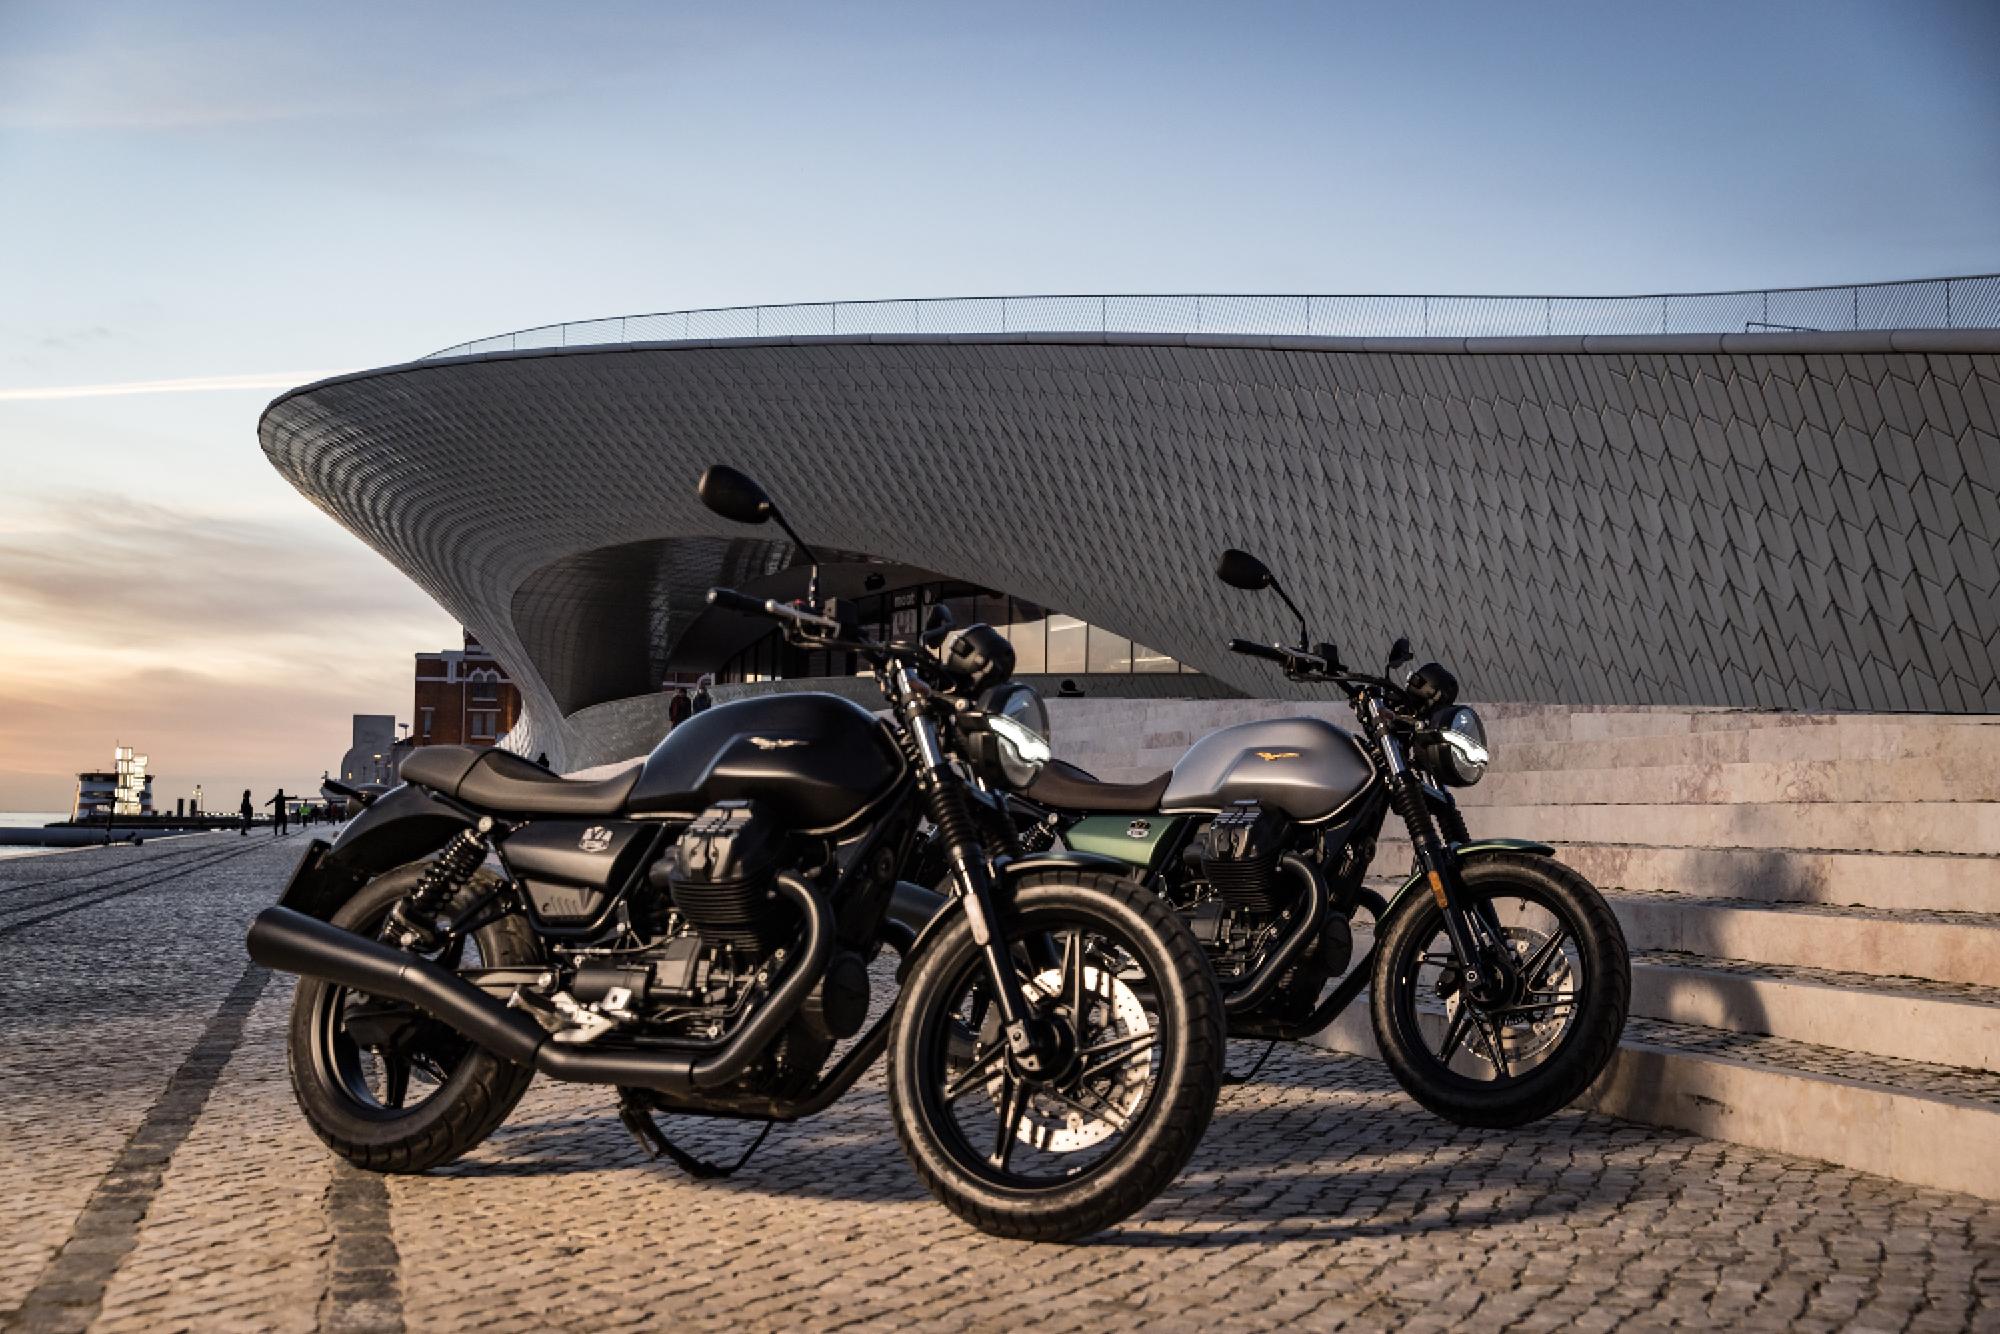 The new Moto Guzzi V7 Stone